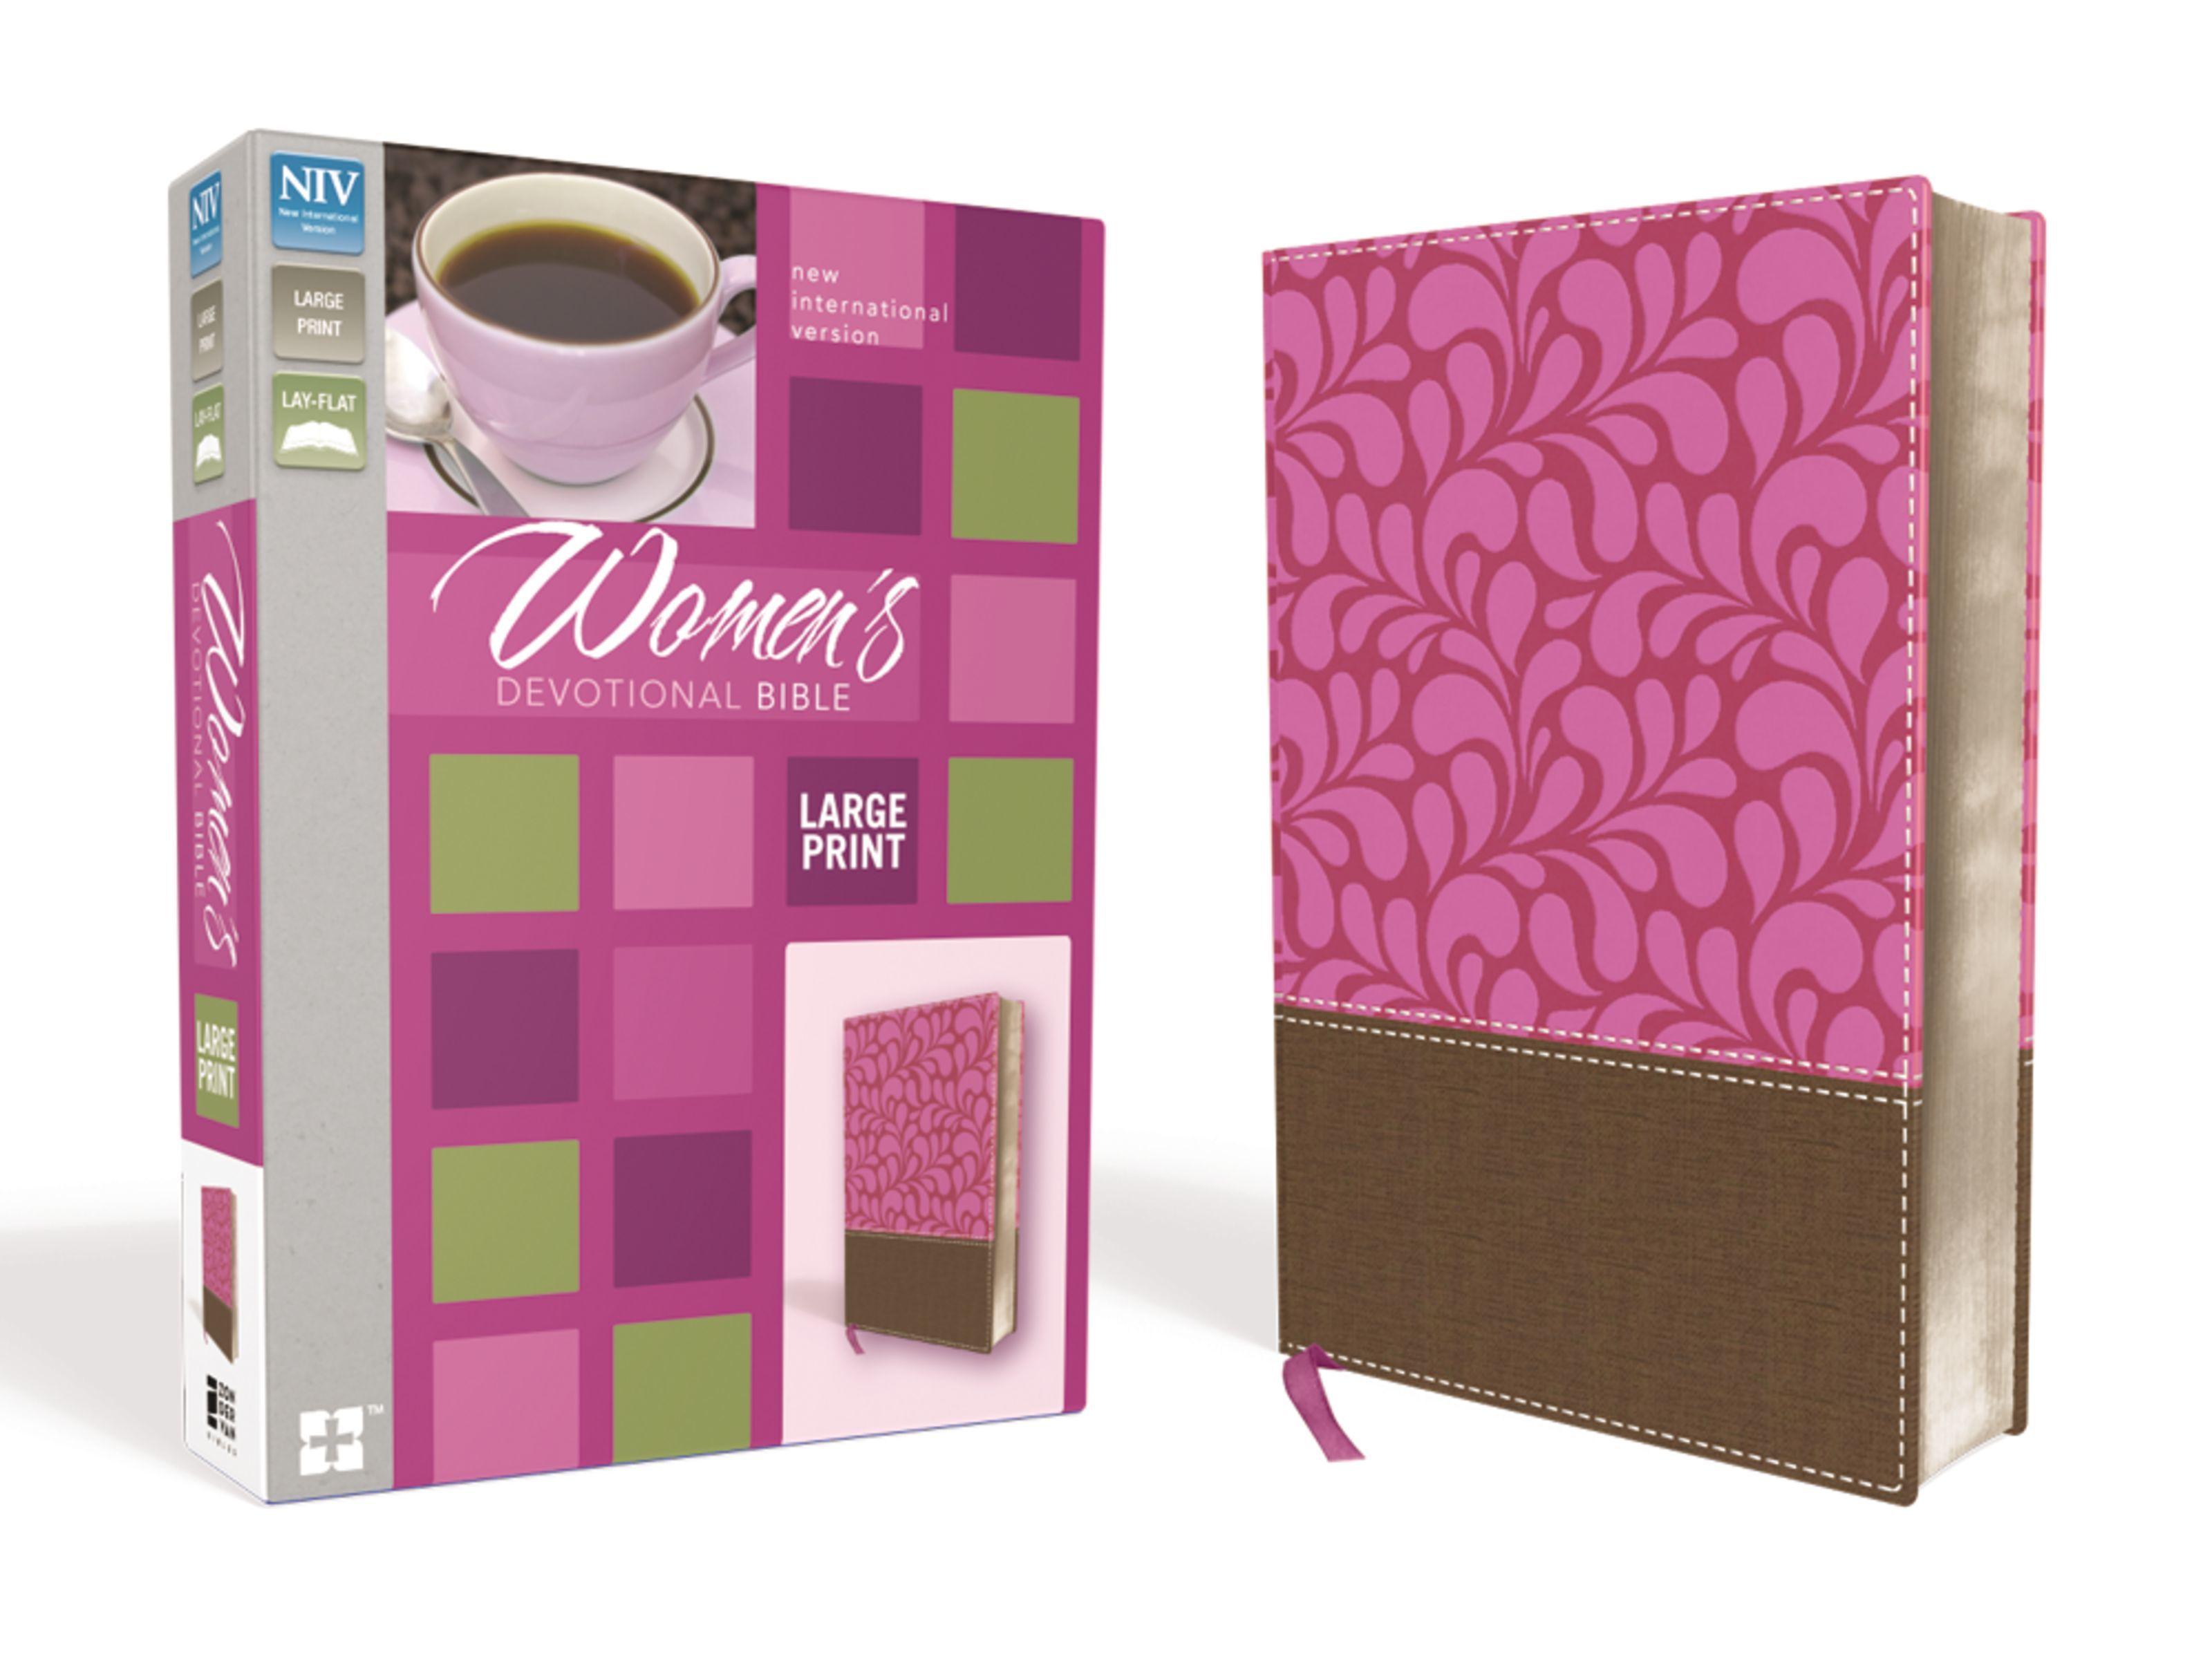 NIV Women's Devotional Bible- Large Print